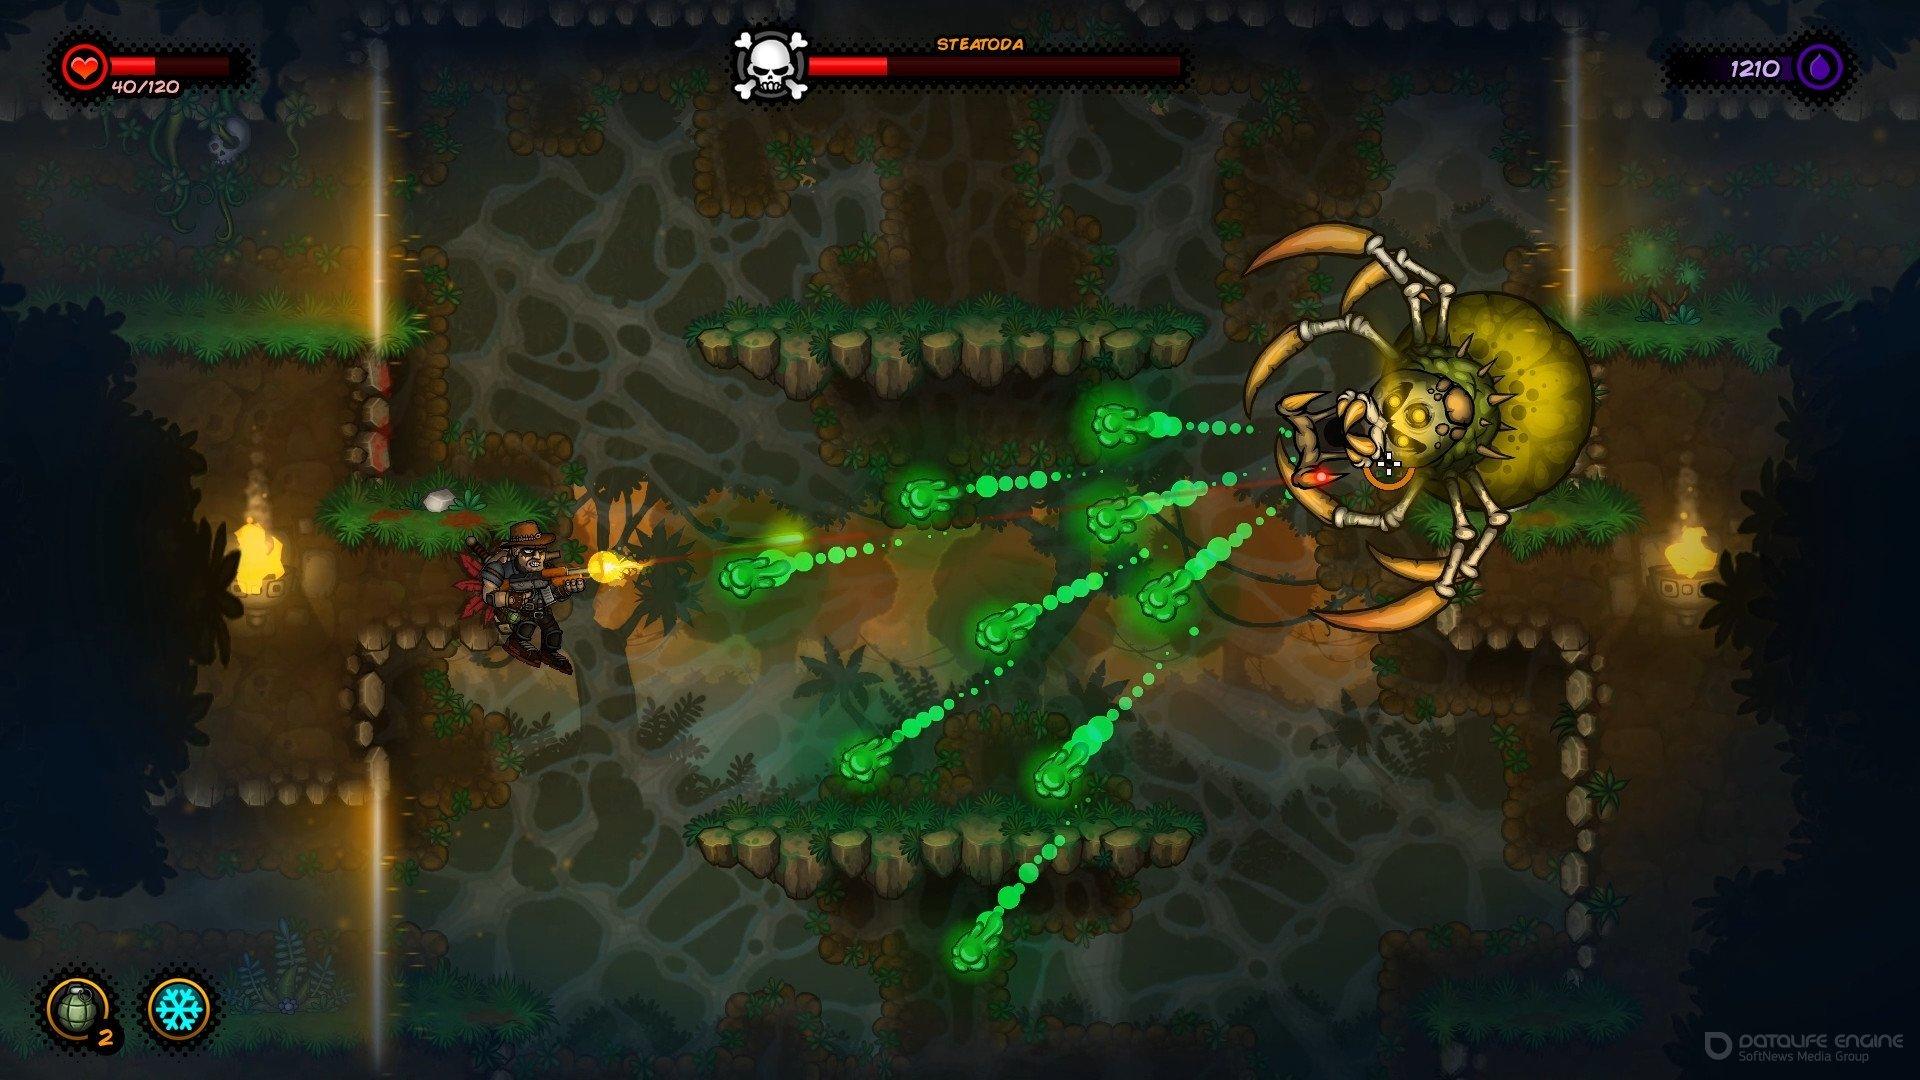 Скриншот к игре Fury Unleashed v.1.7.0.2 [GOG] (2020) скачать торрент Лицензия